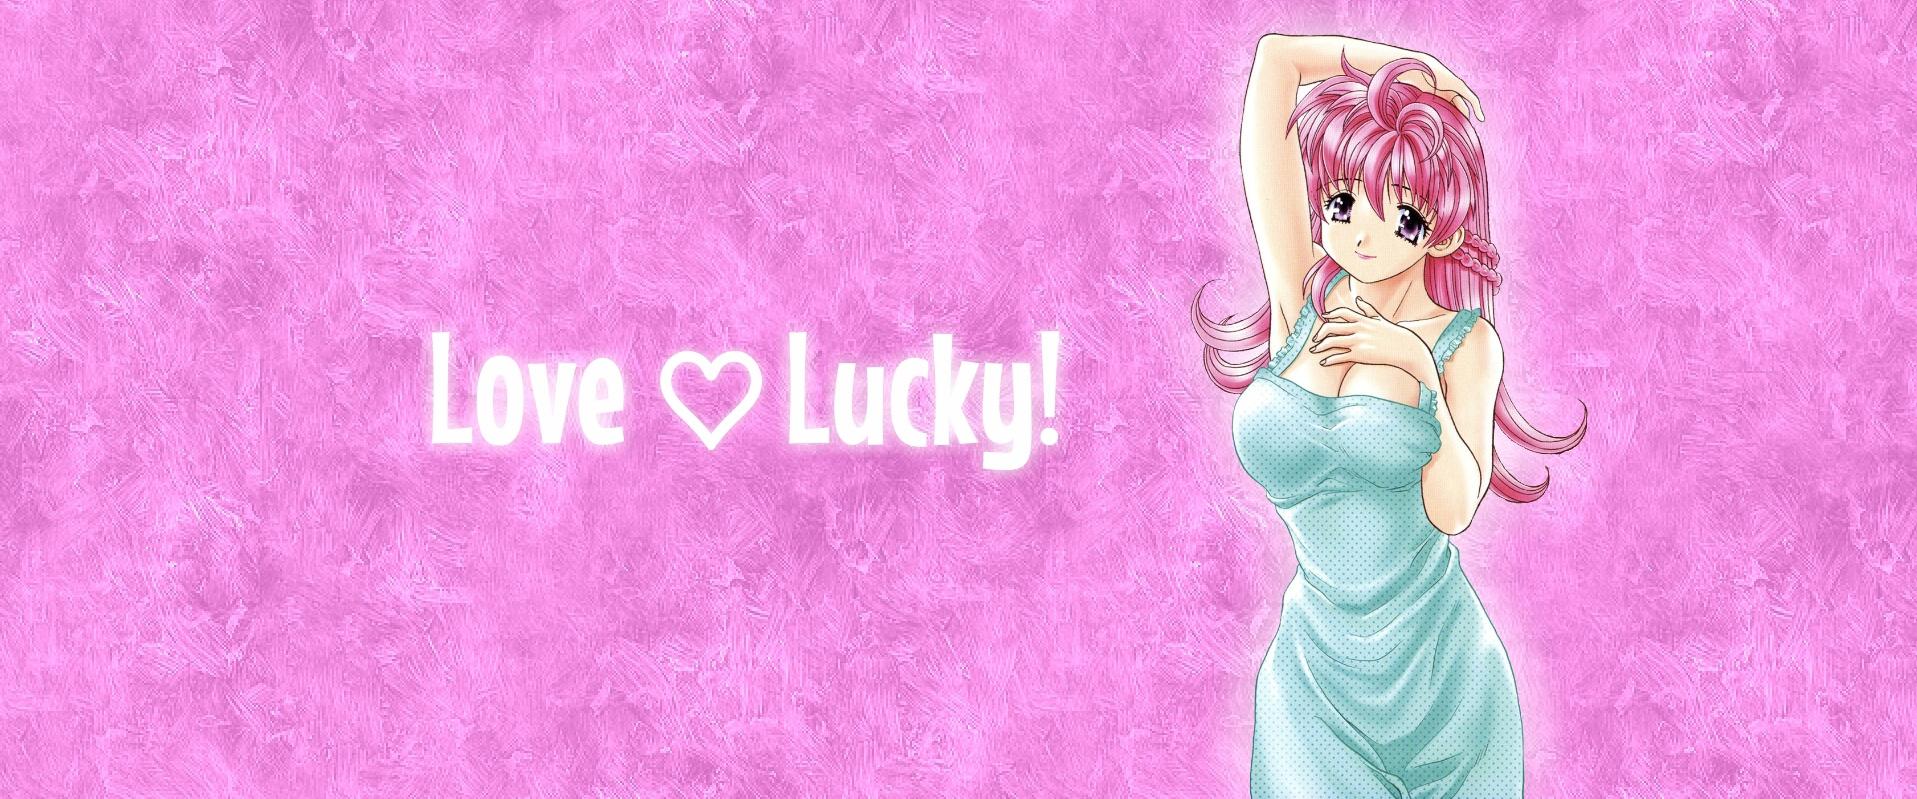 Love Lucky